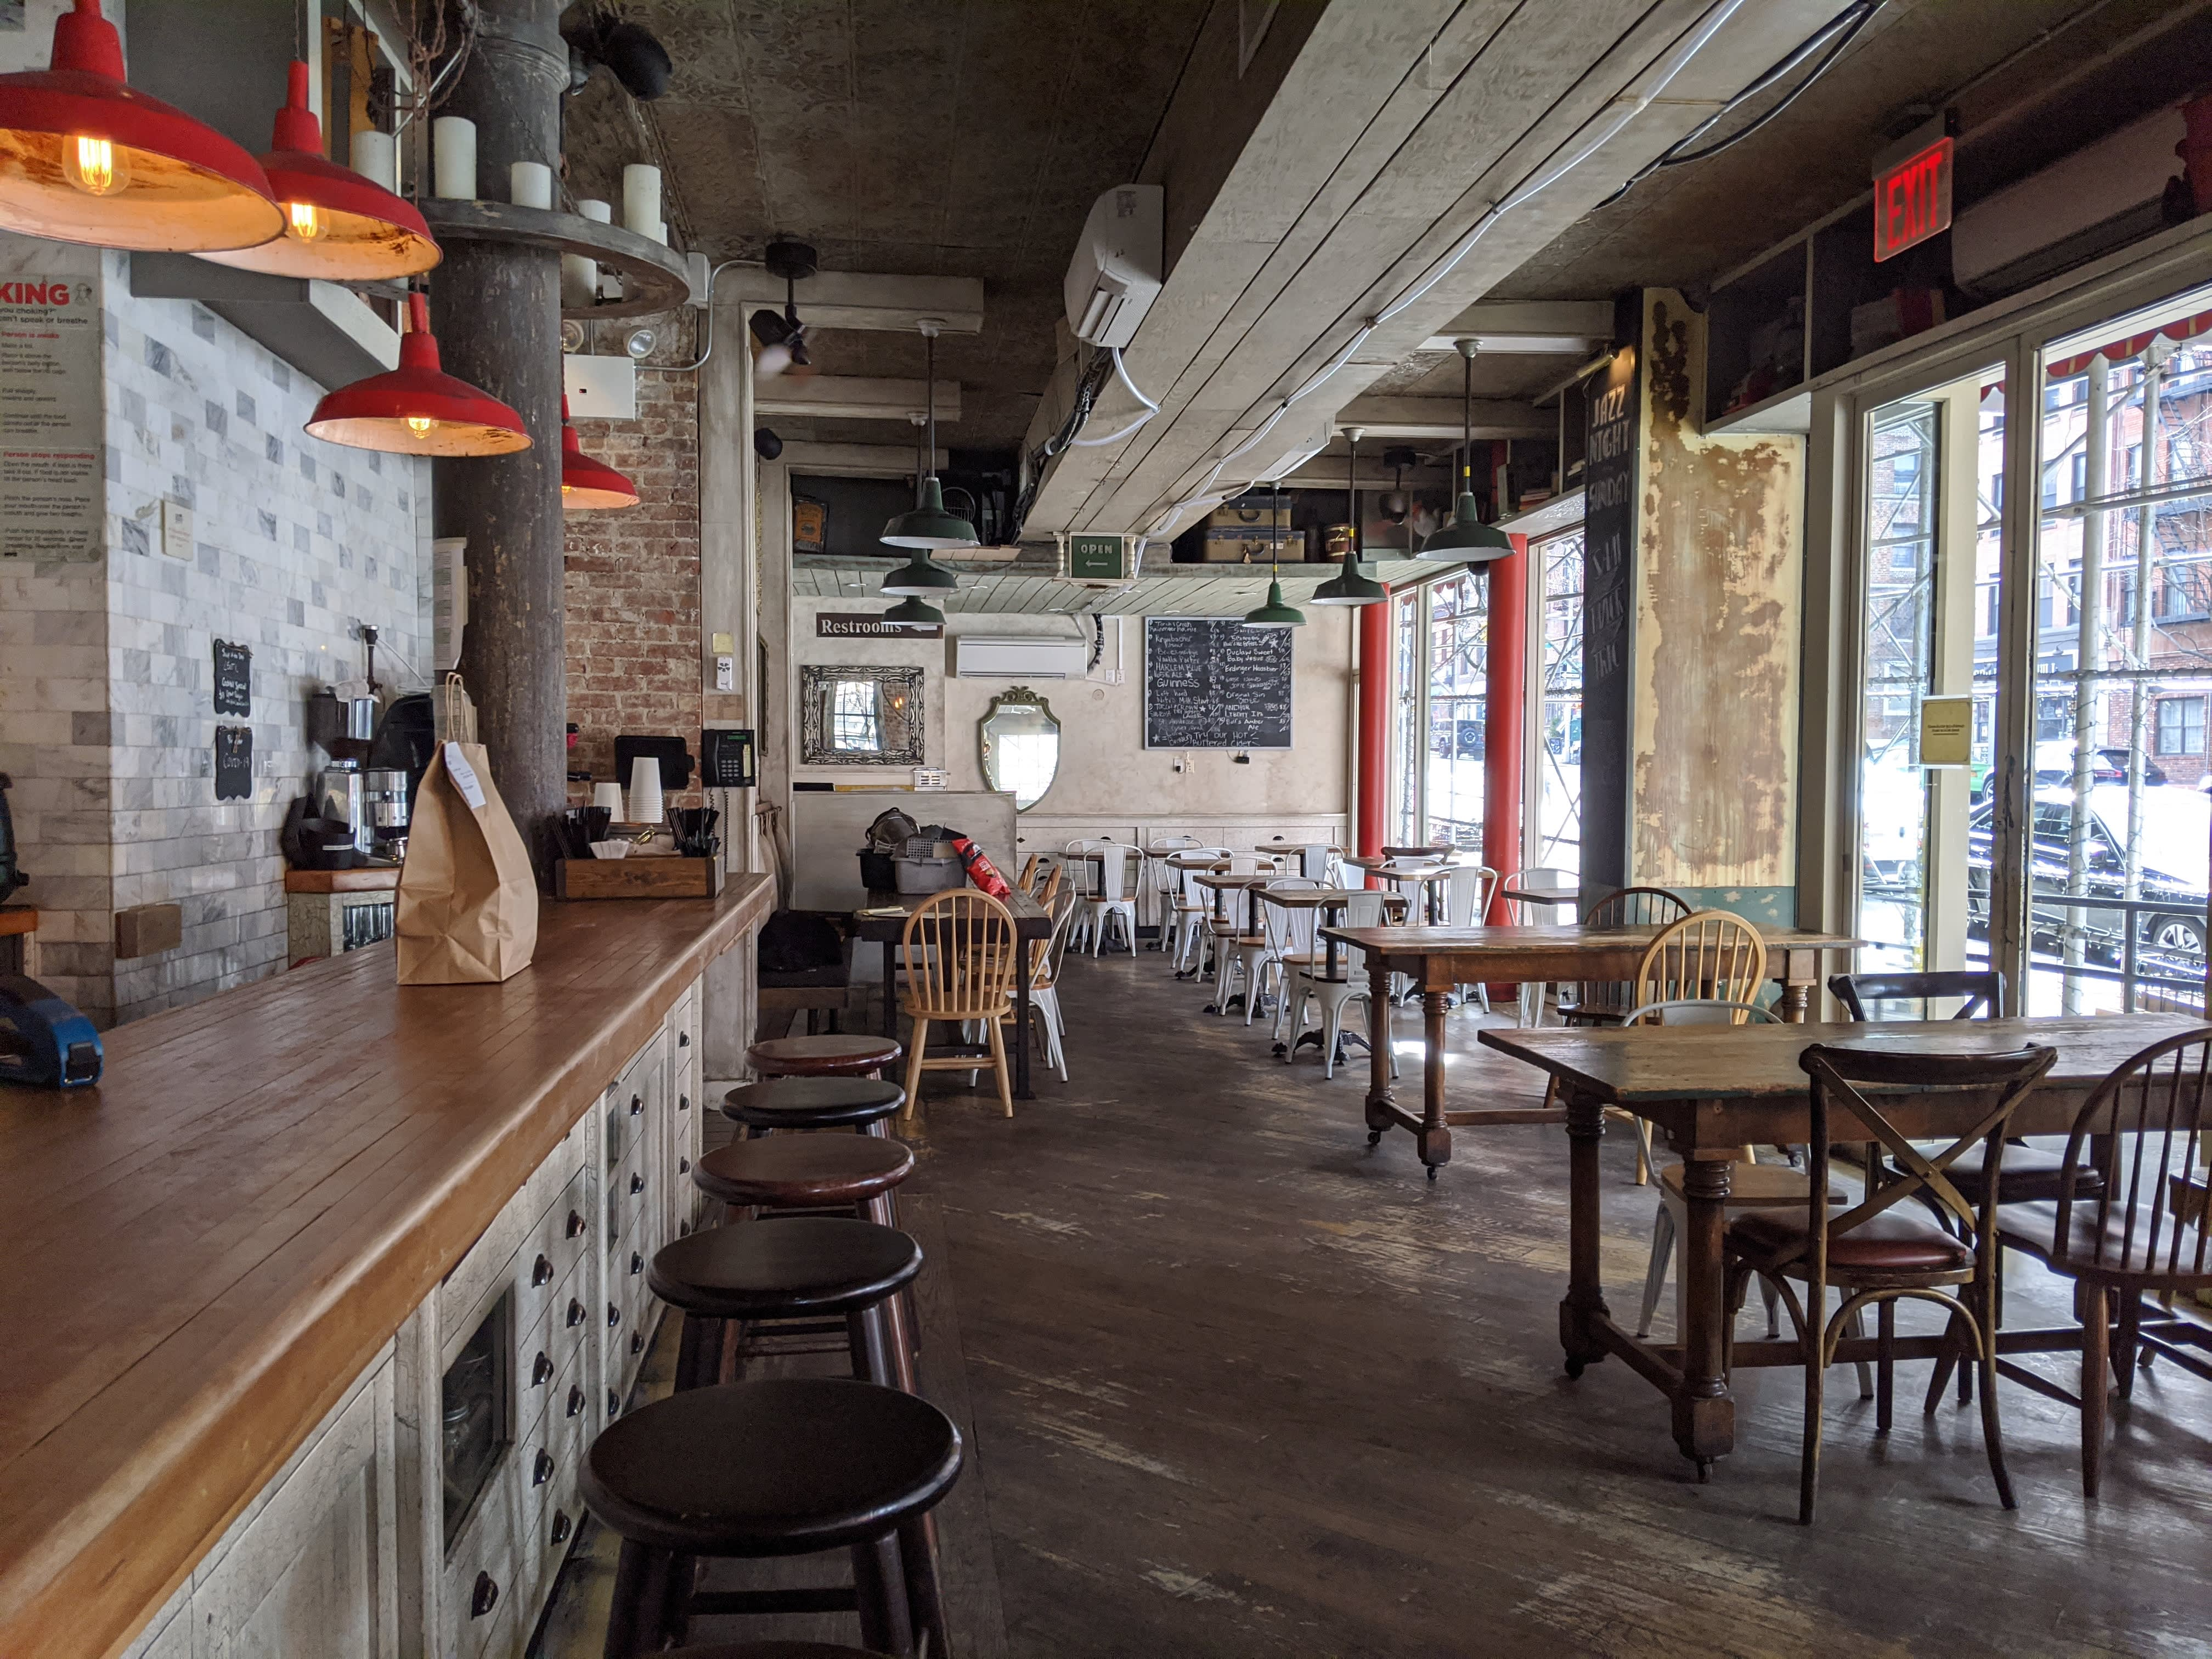 NYC restaurants face mass layoffs